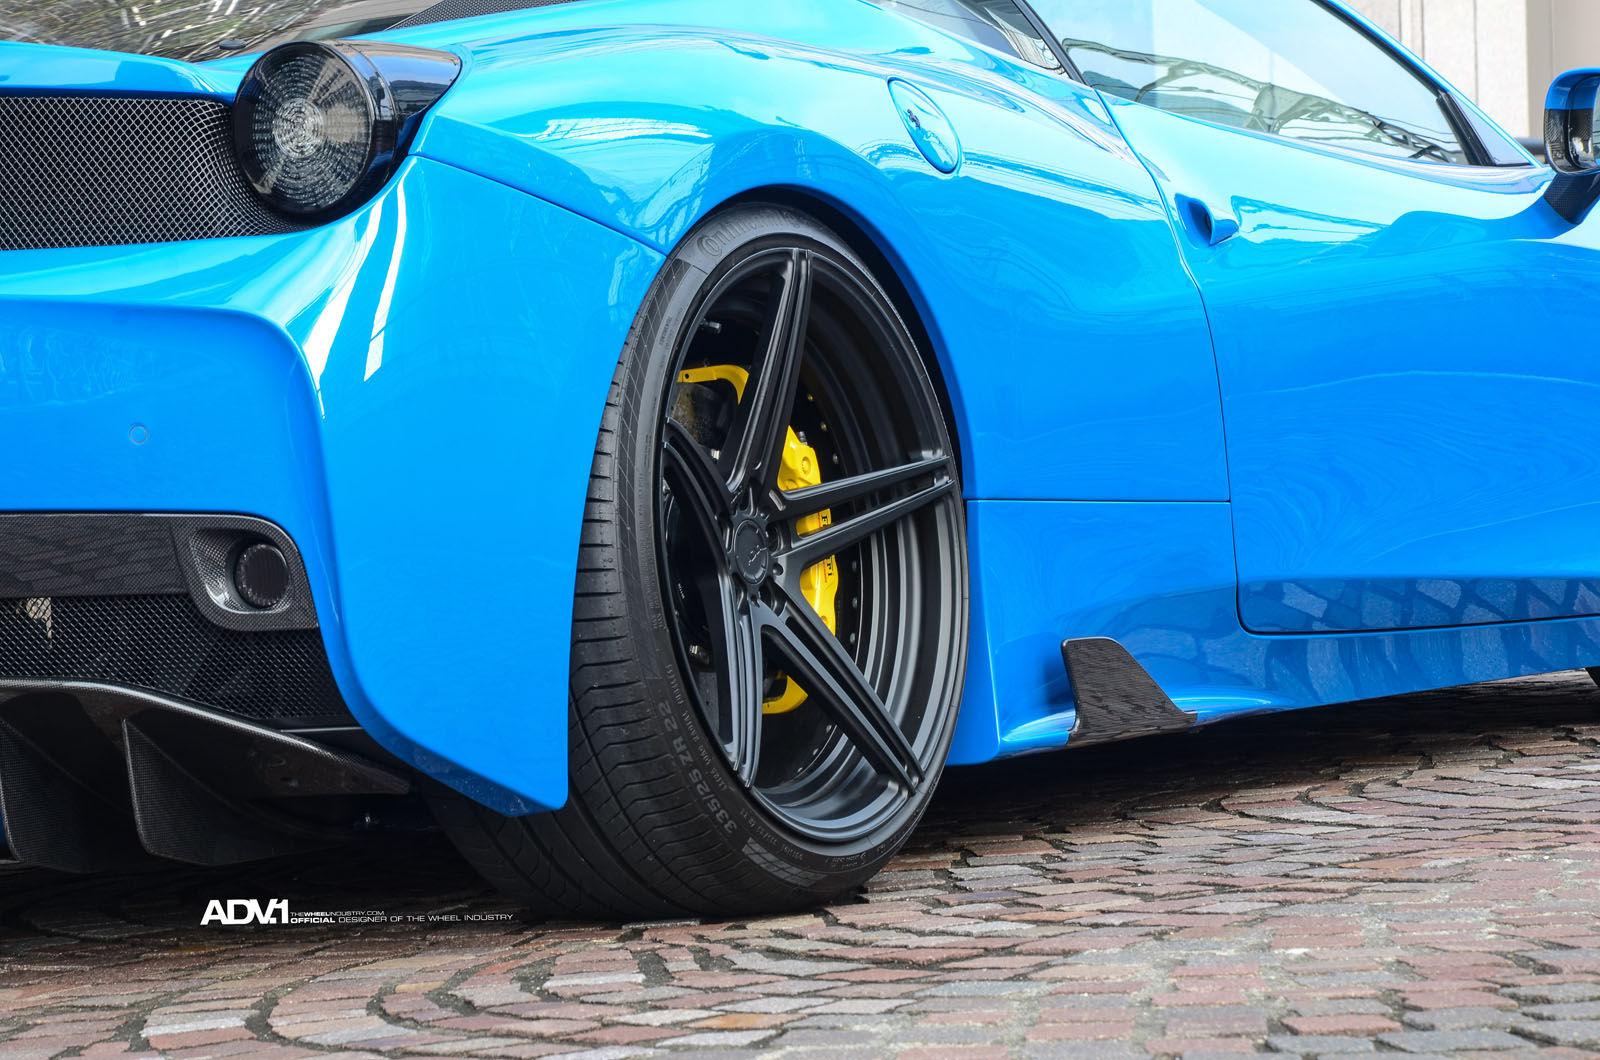 Ferrari 458 Italia | ADV.1 Wheels Ferrari 458 Speicale